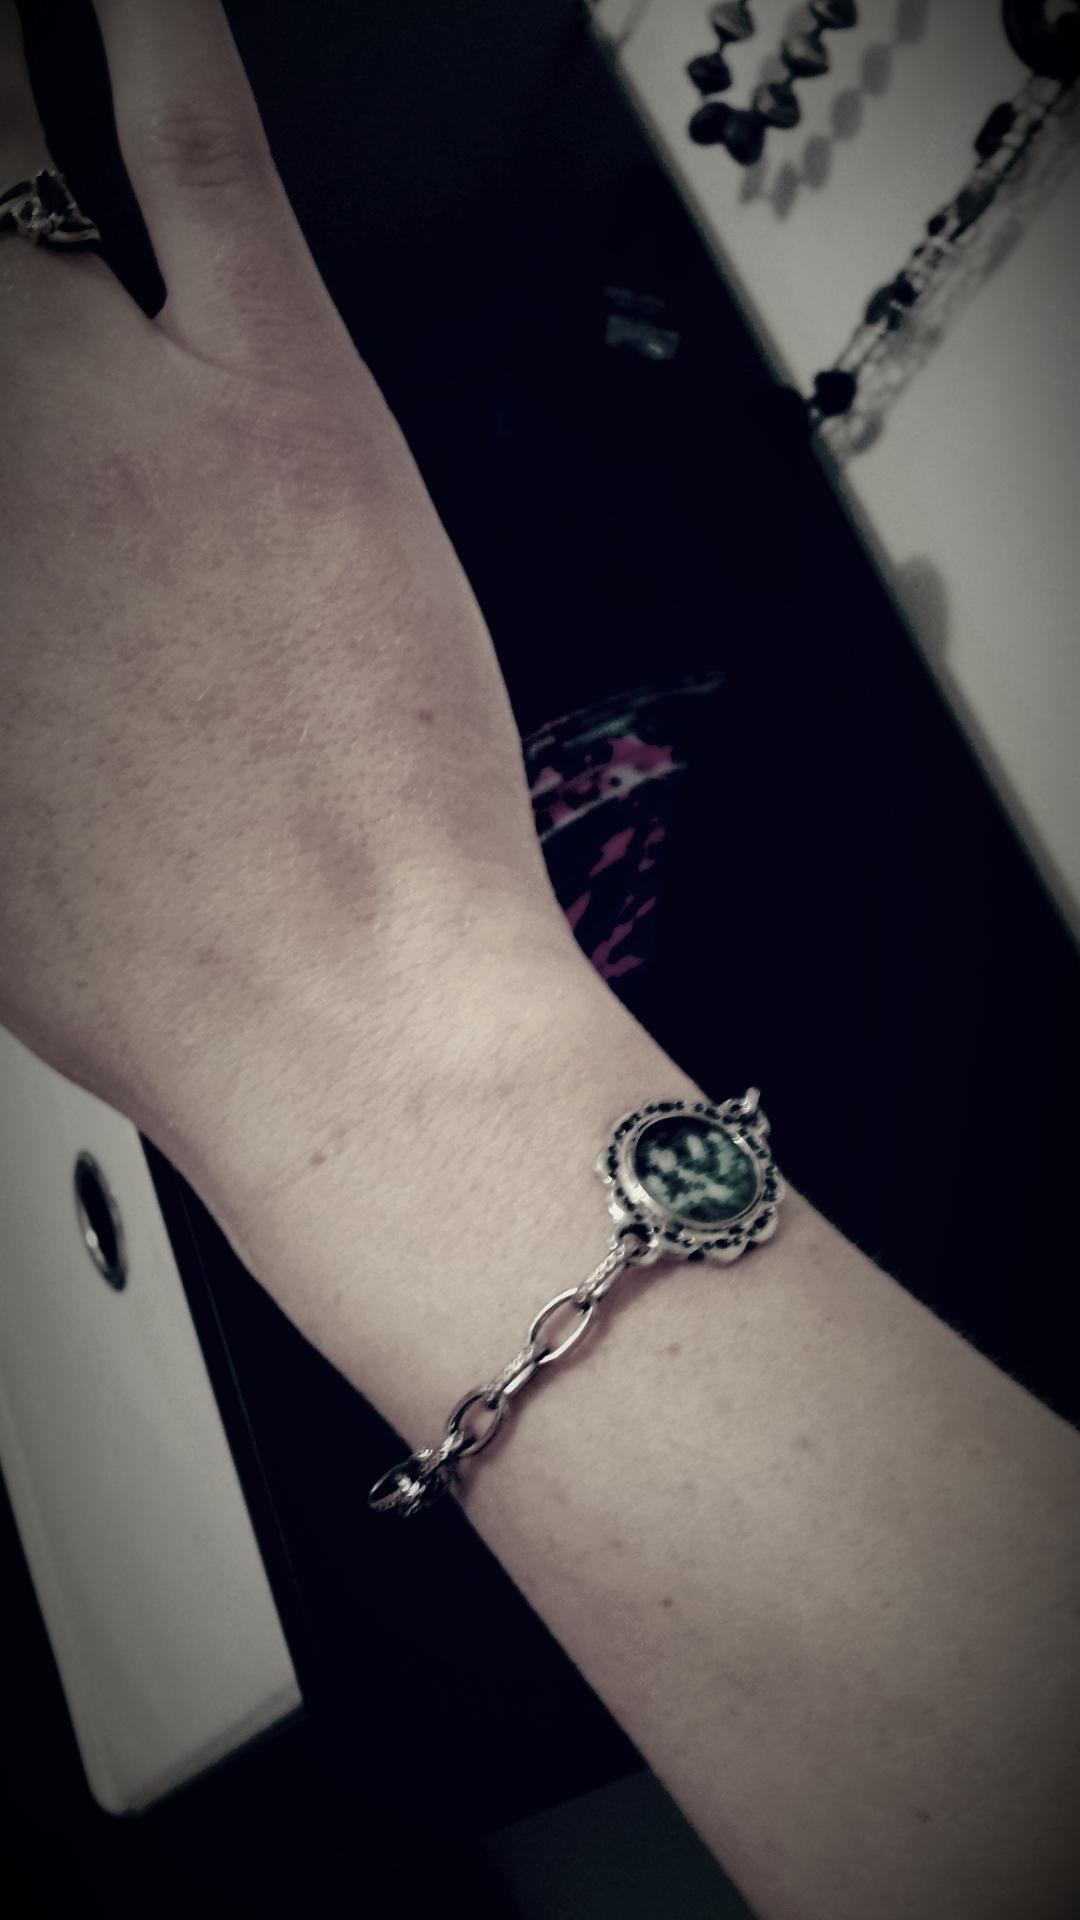 Bracelet in remembrance